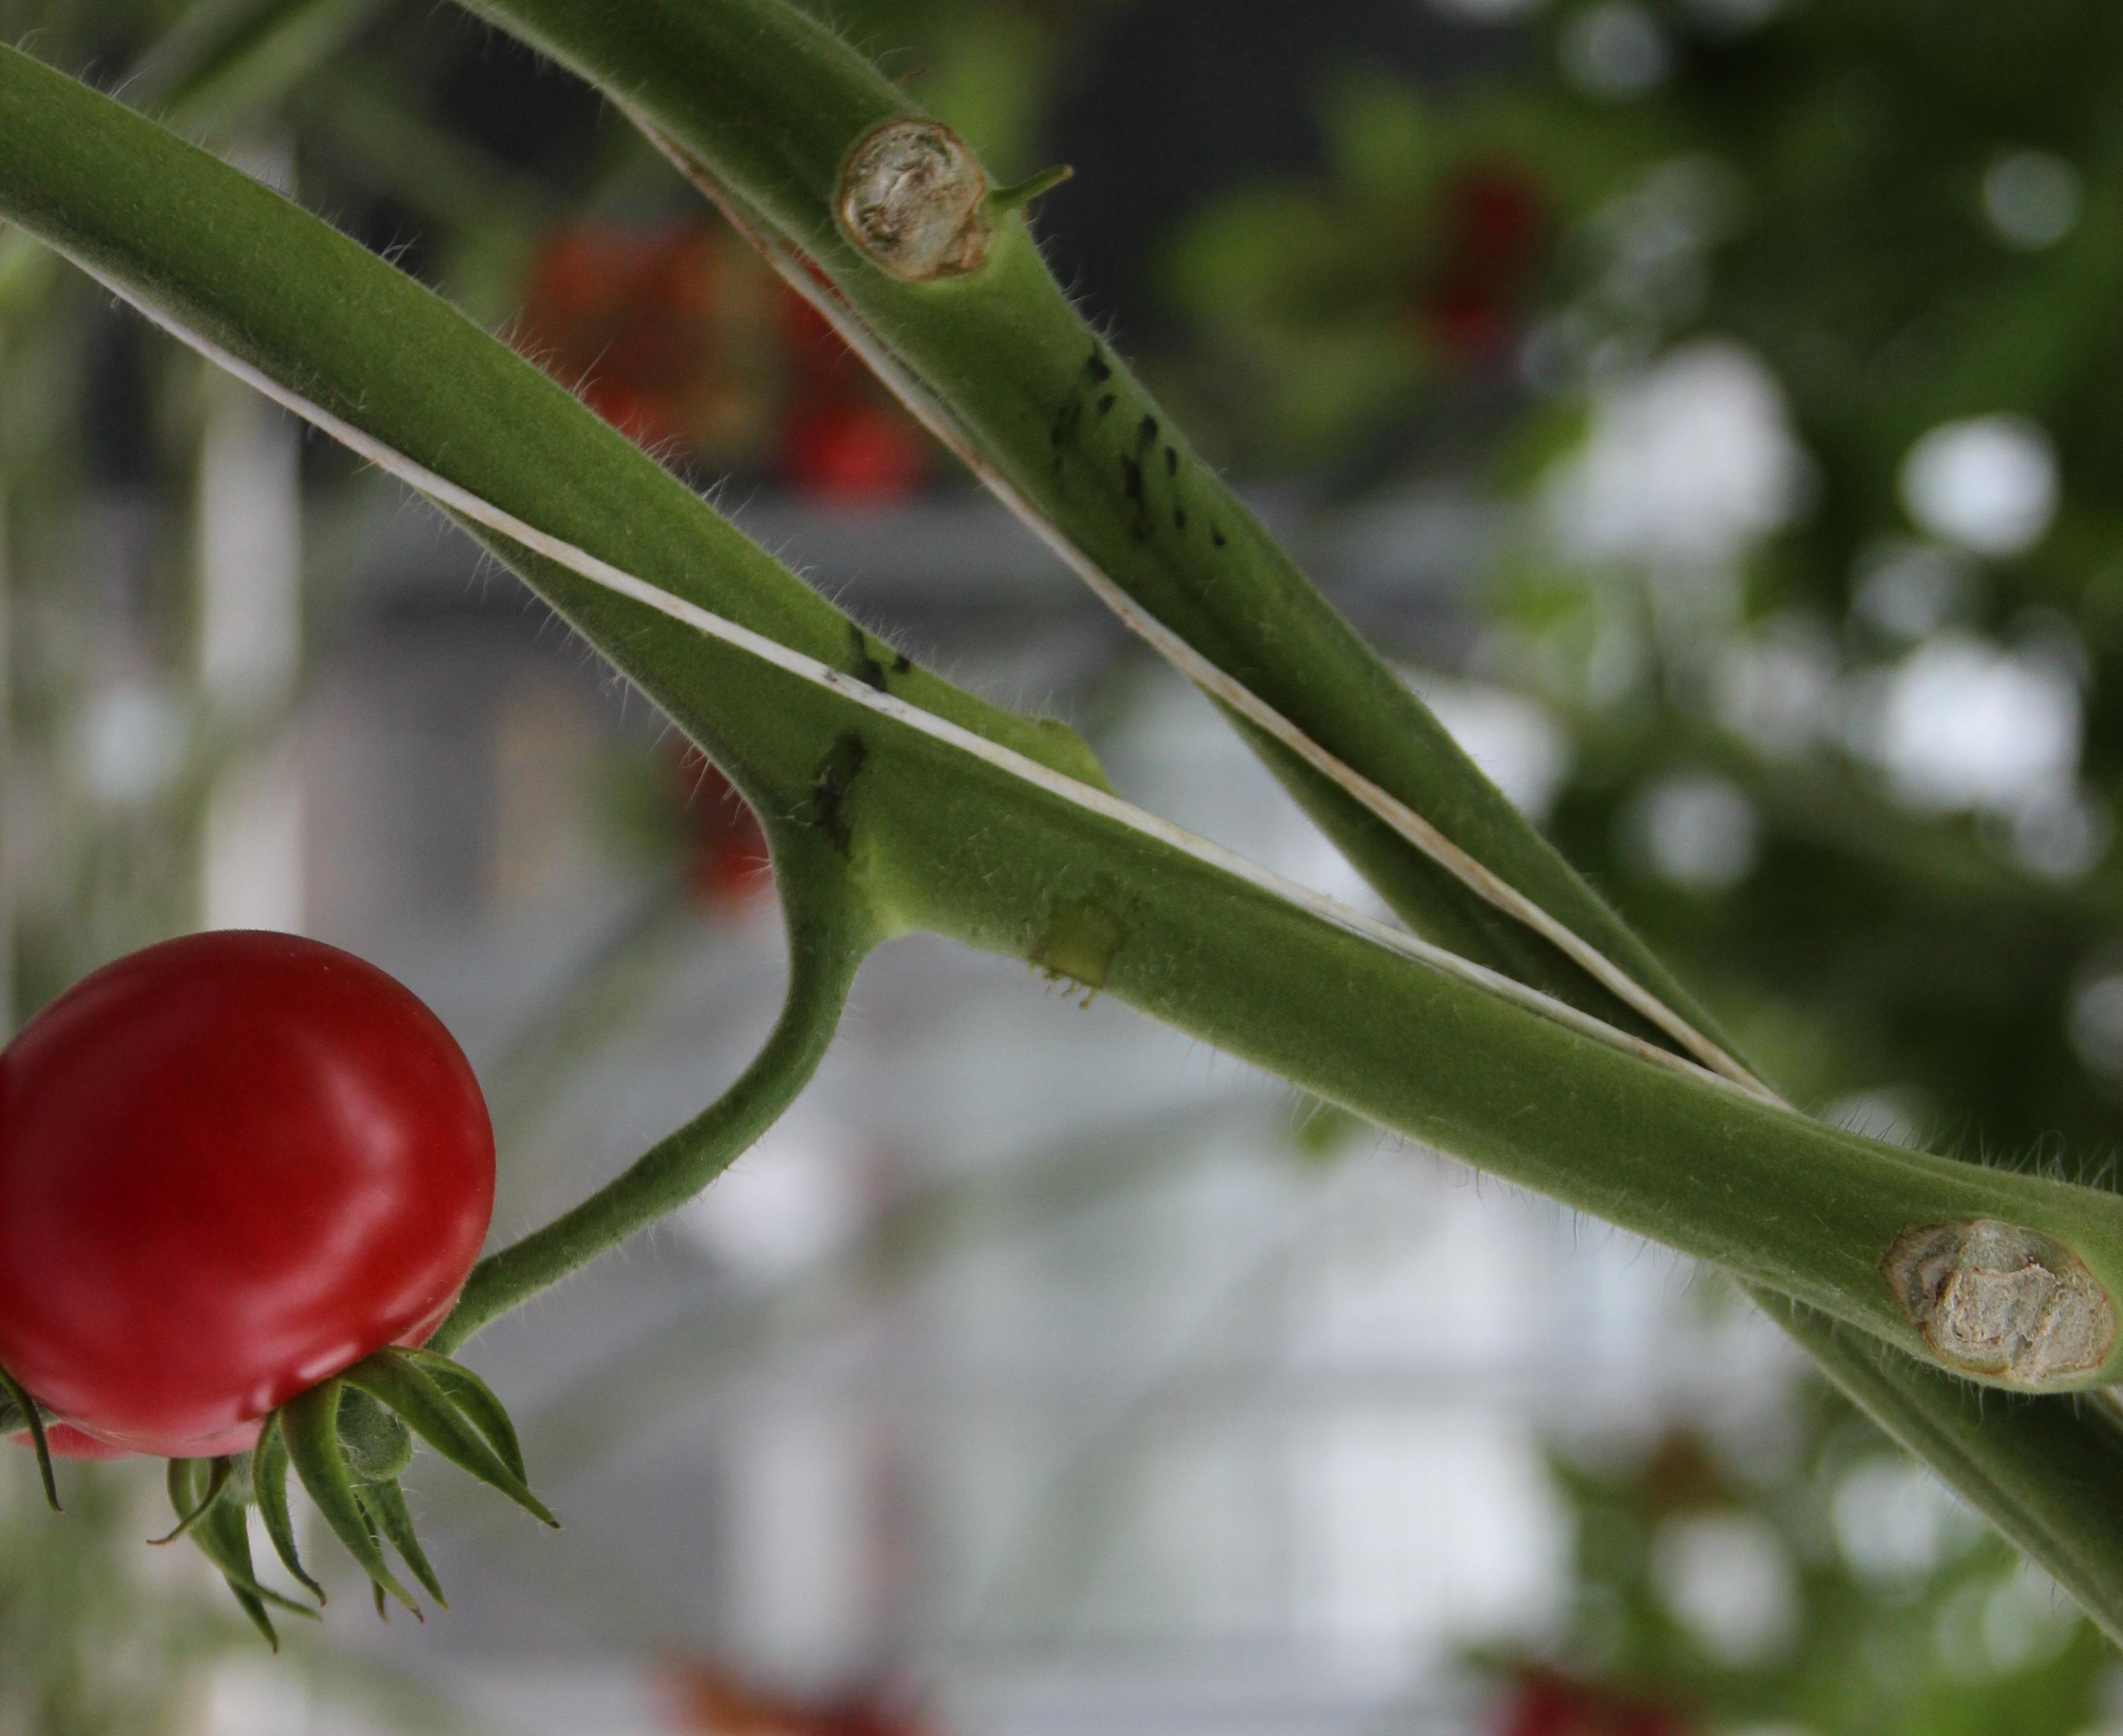 gezonde kas pflanzenschutz geht im gew chshaus neue wege industrieverband agrar. Black Bedroom Furniture Sets. Home Design Ideas